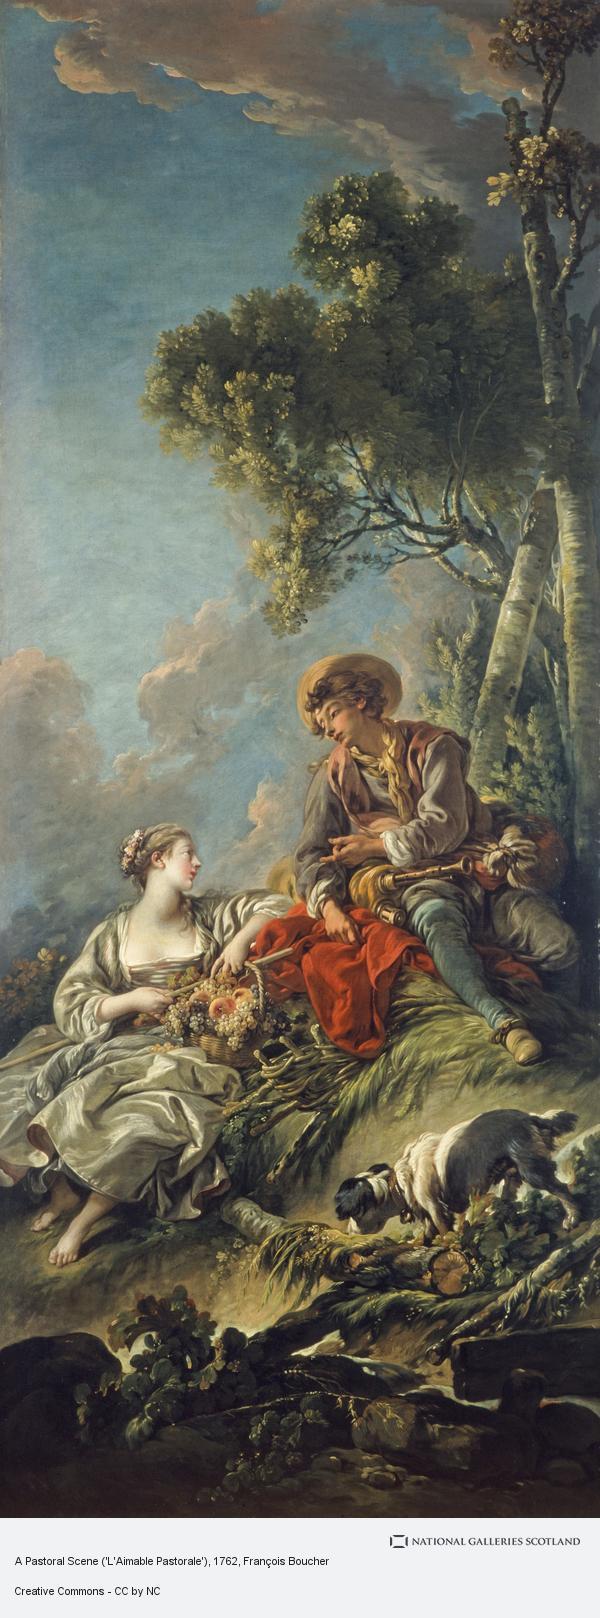 Francois Boucher, A Pastoral Scene ('L'Aimable Pastorale') (1762)